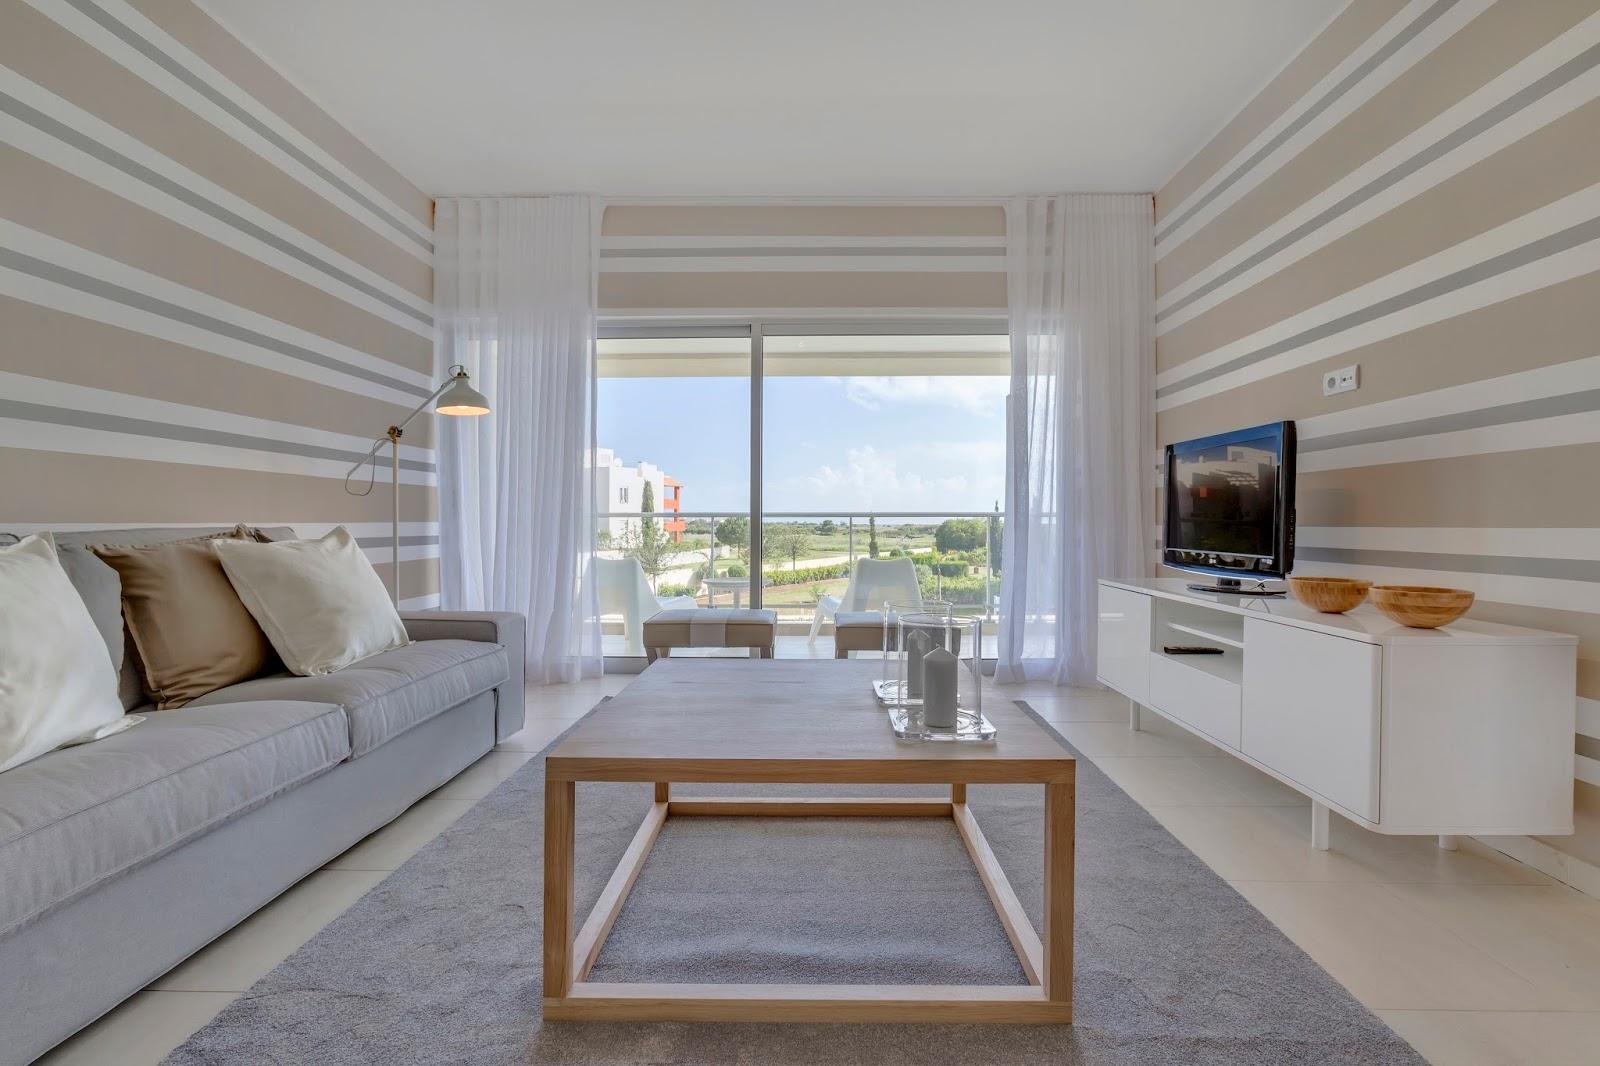 Isabel pires de lima resort decor by isabel pires de lima for Clean interior design